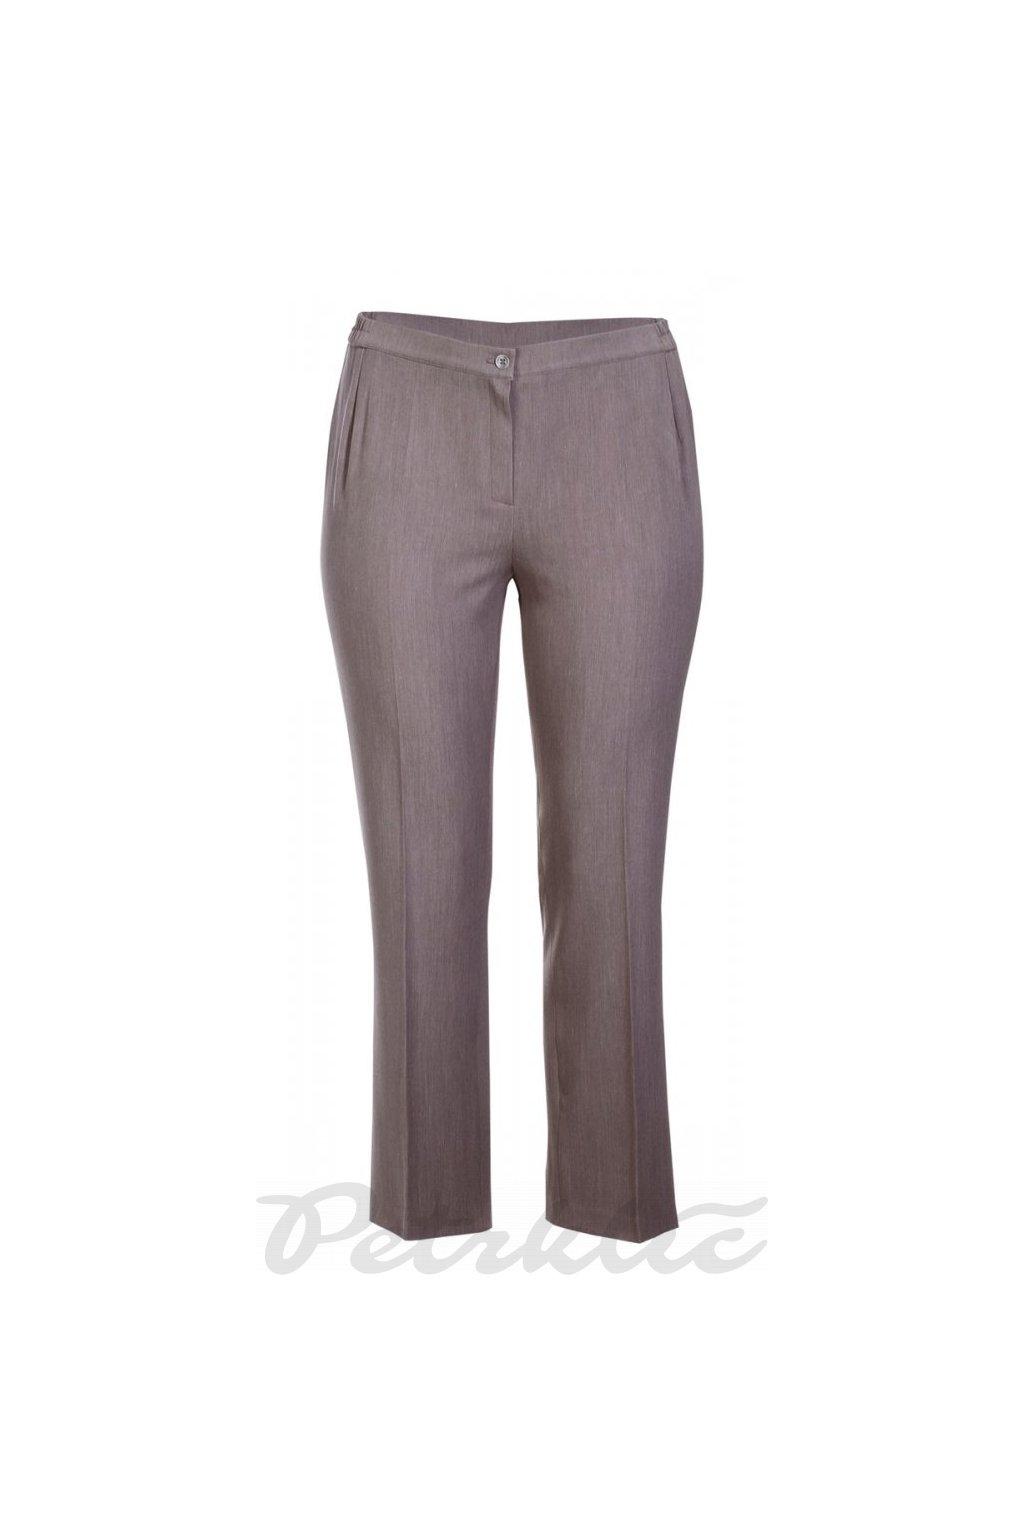 A2 - kalhoty vnitřní 74 cm